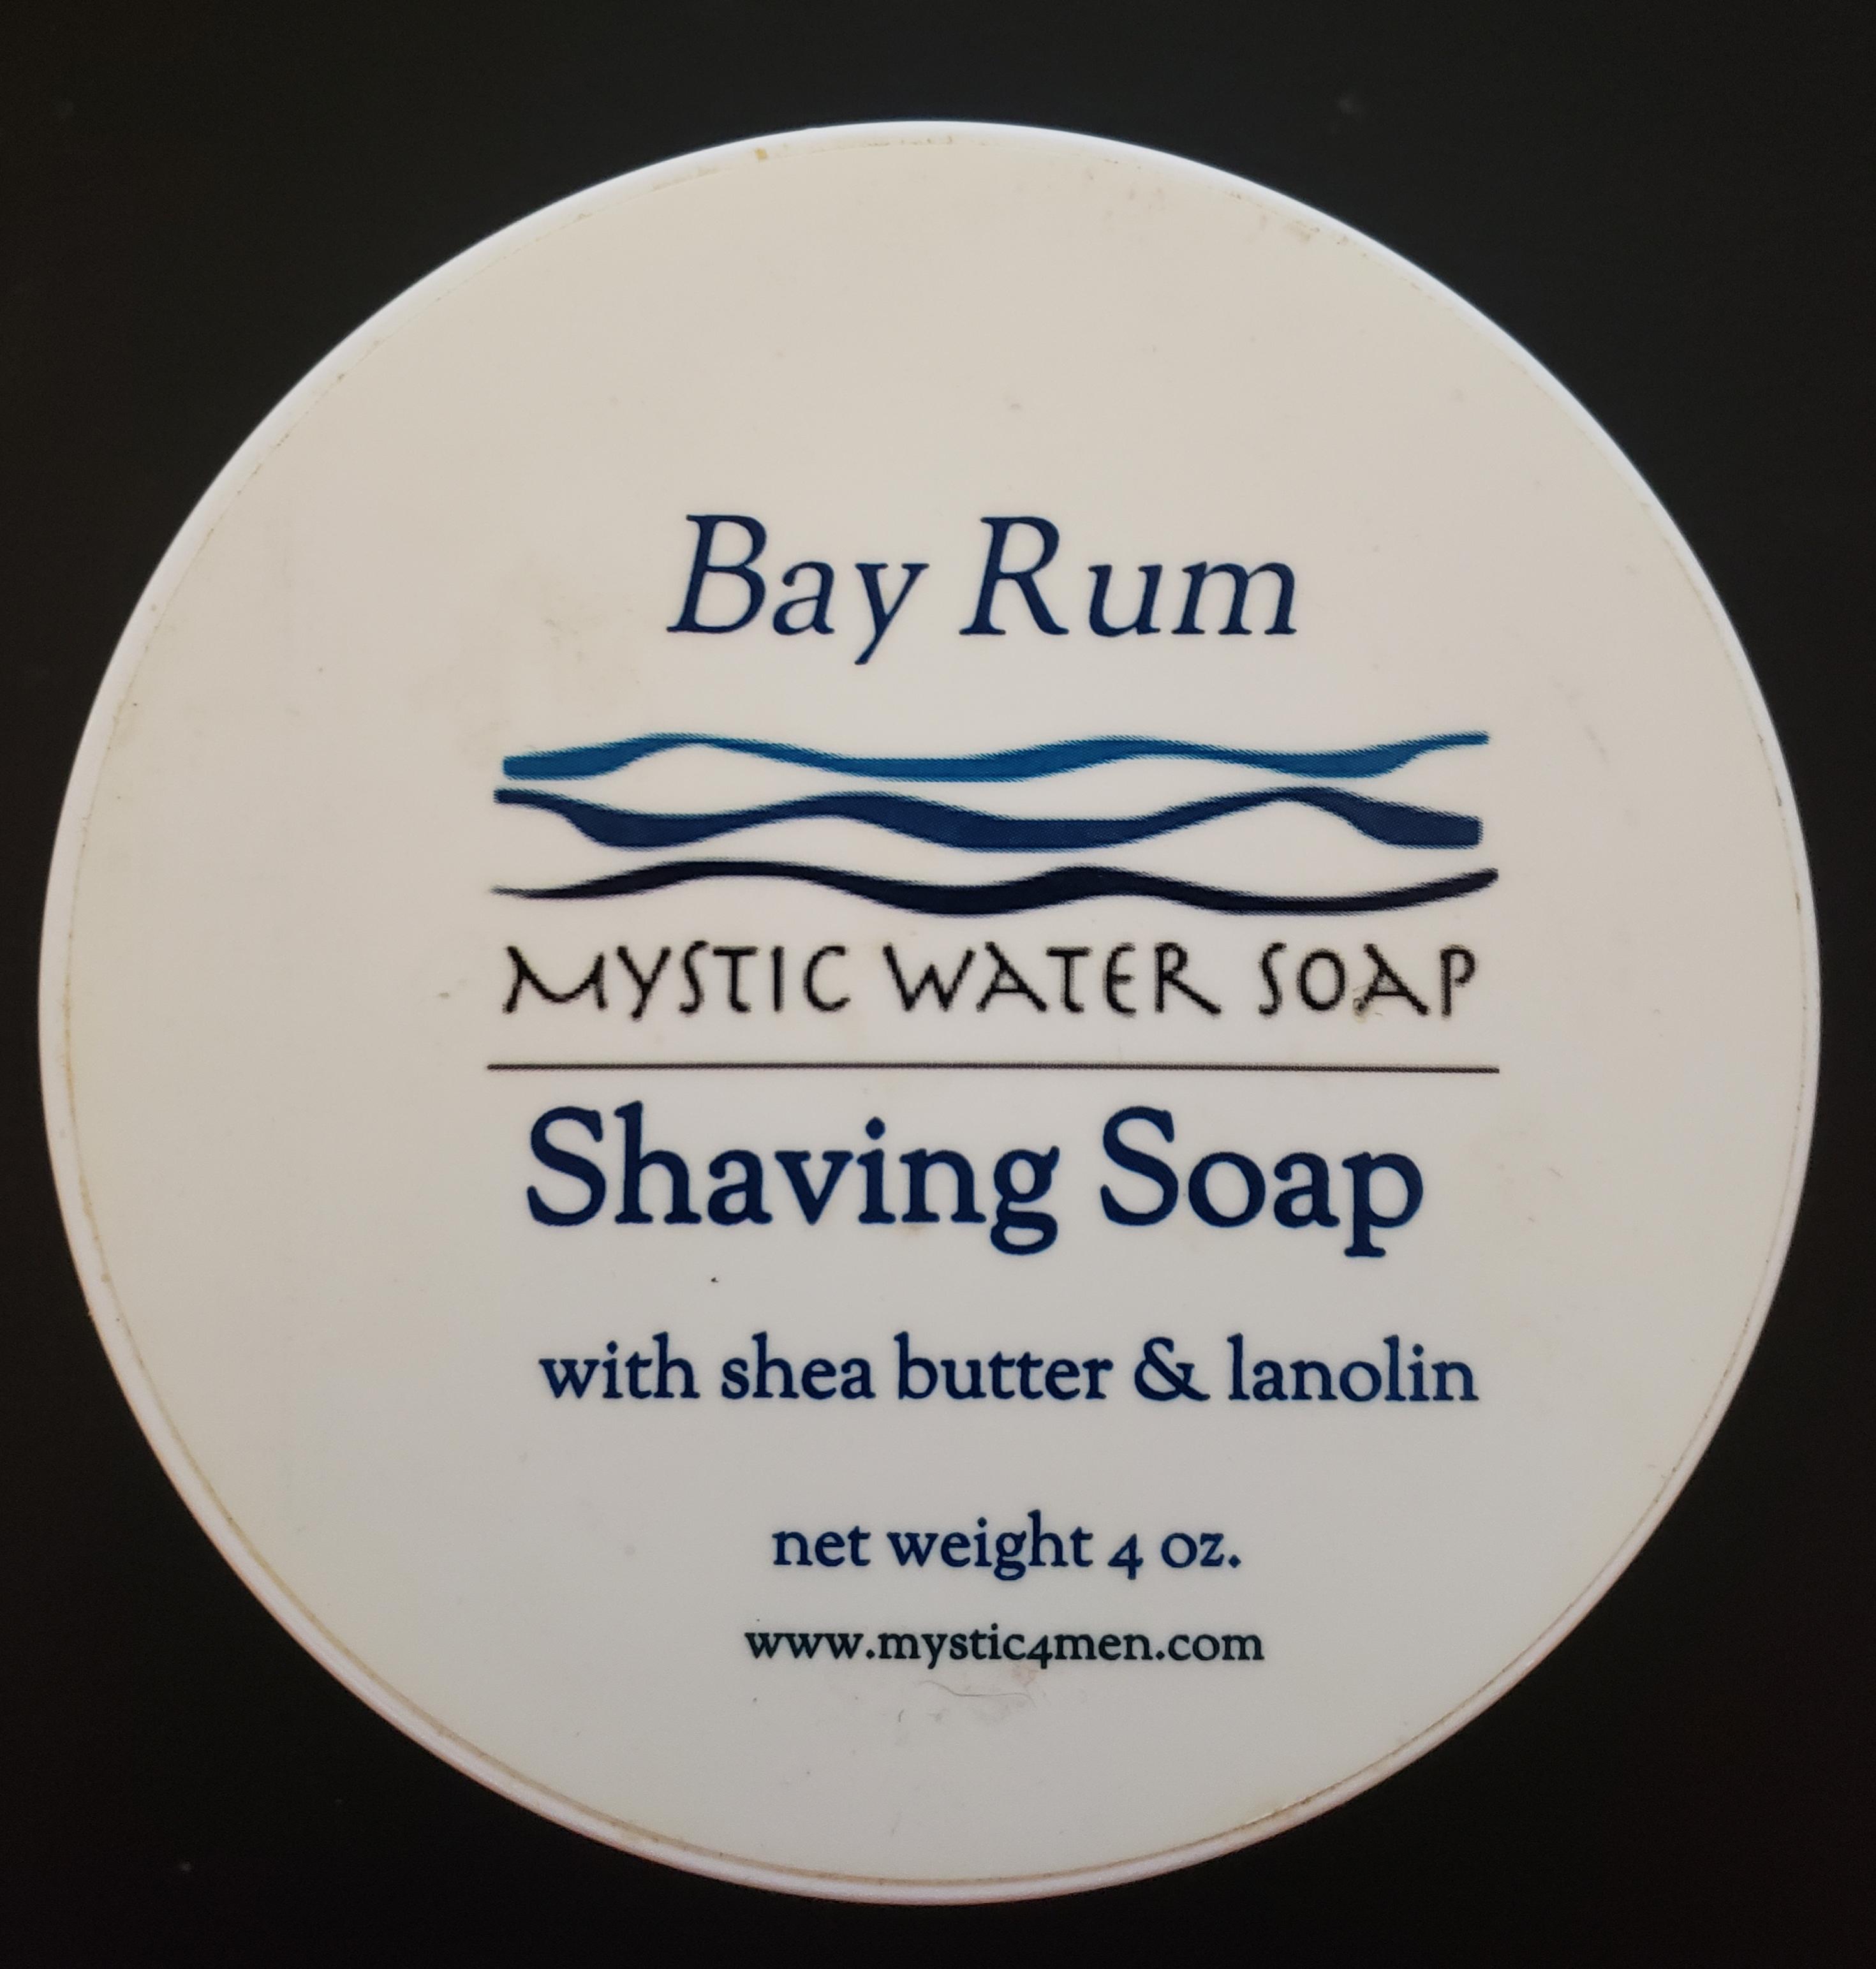 Mystic Water - Bay Rum - Soap image